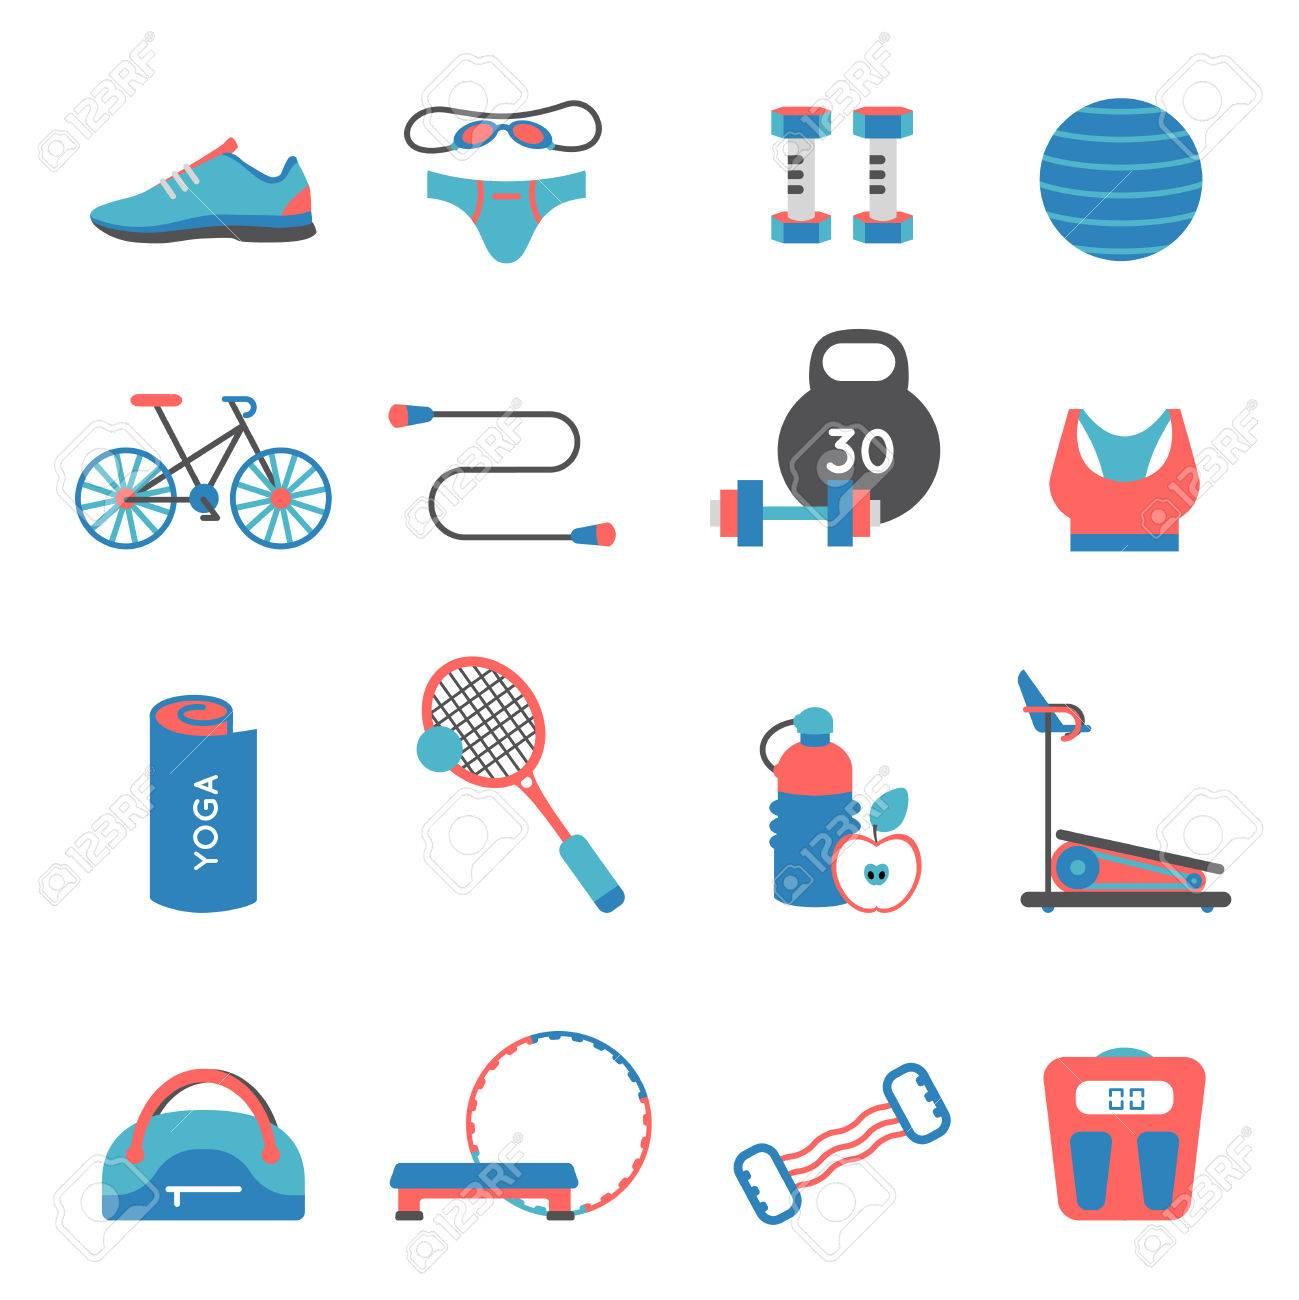 75b429d90ca6e2 Fitnessruimte gekleurde en geïsoleerde flat icon set met accessoires en  onderdelen van de atletiek vector illustratie